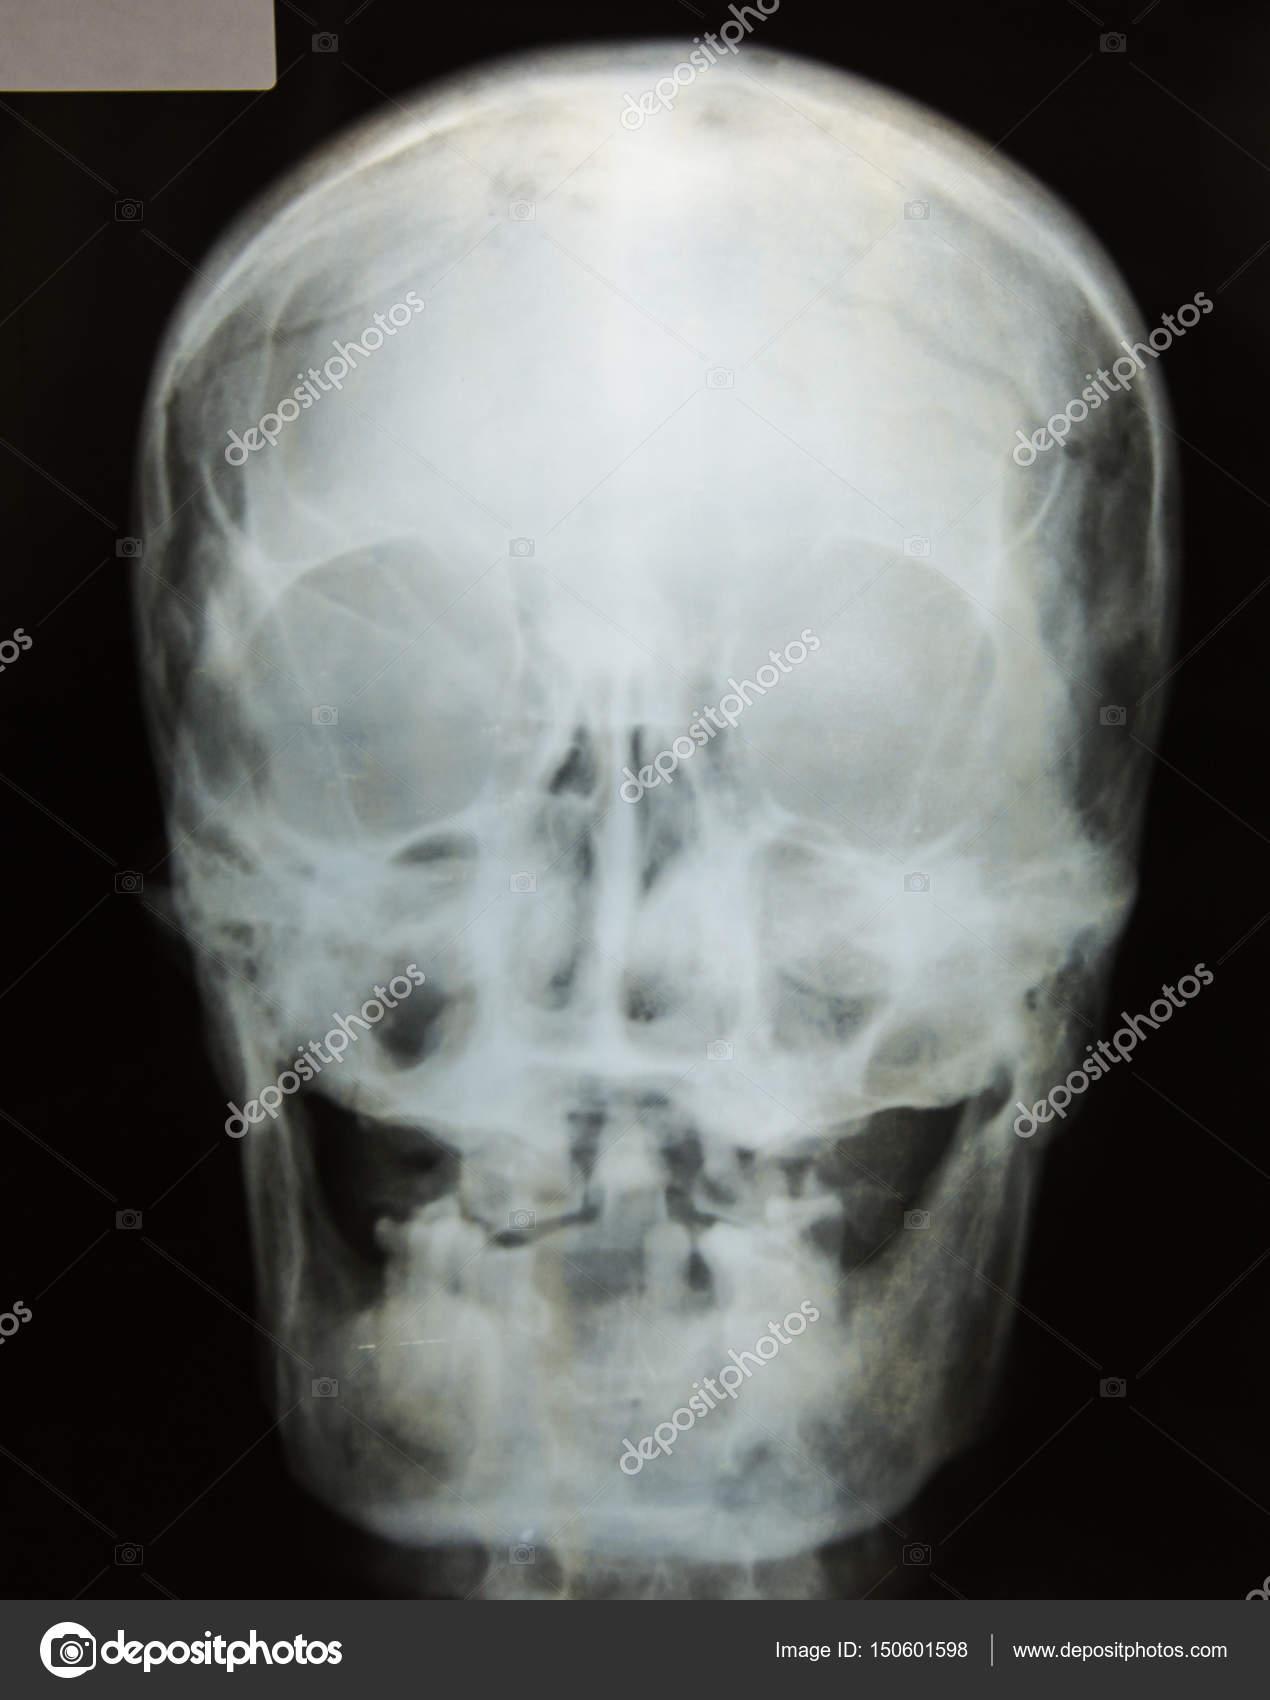 radiografía del cráneo — Foto de stock © toeytoey #150601598